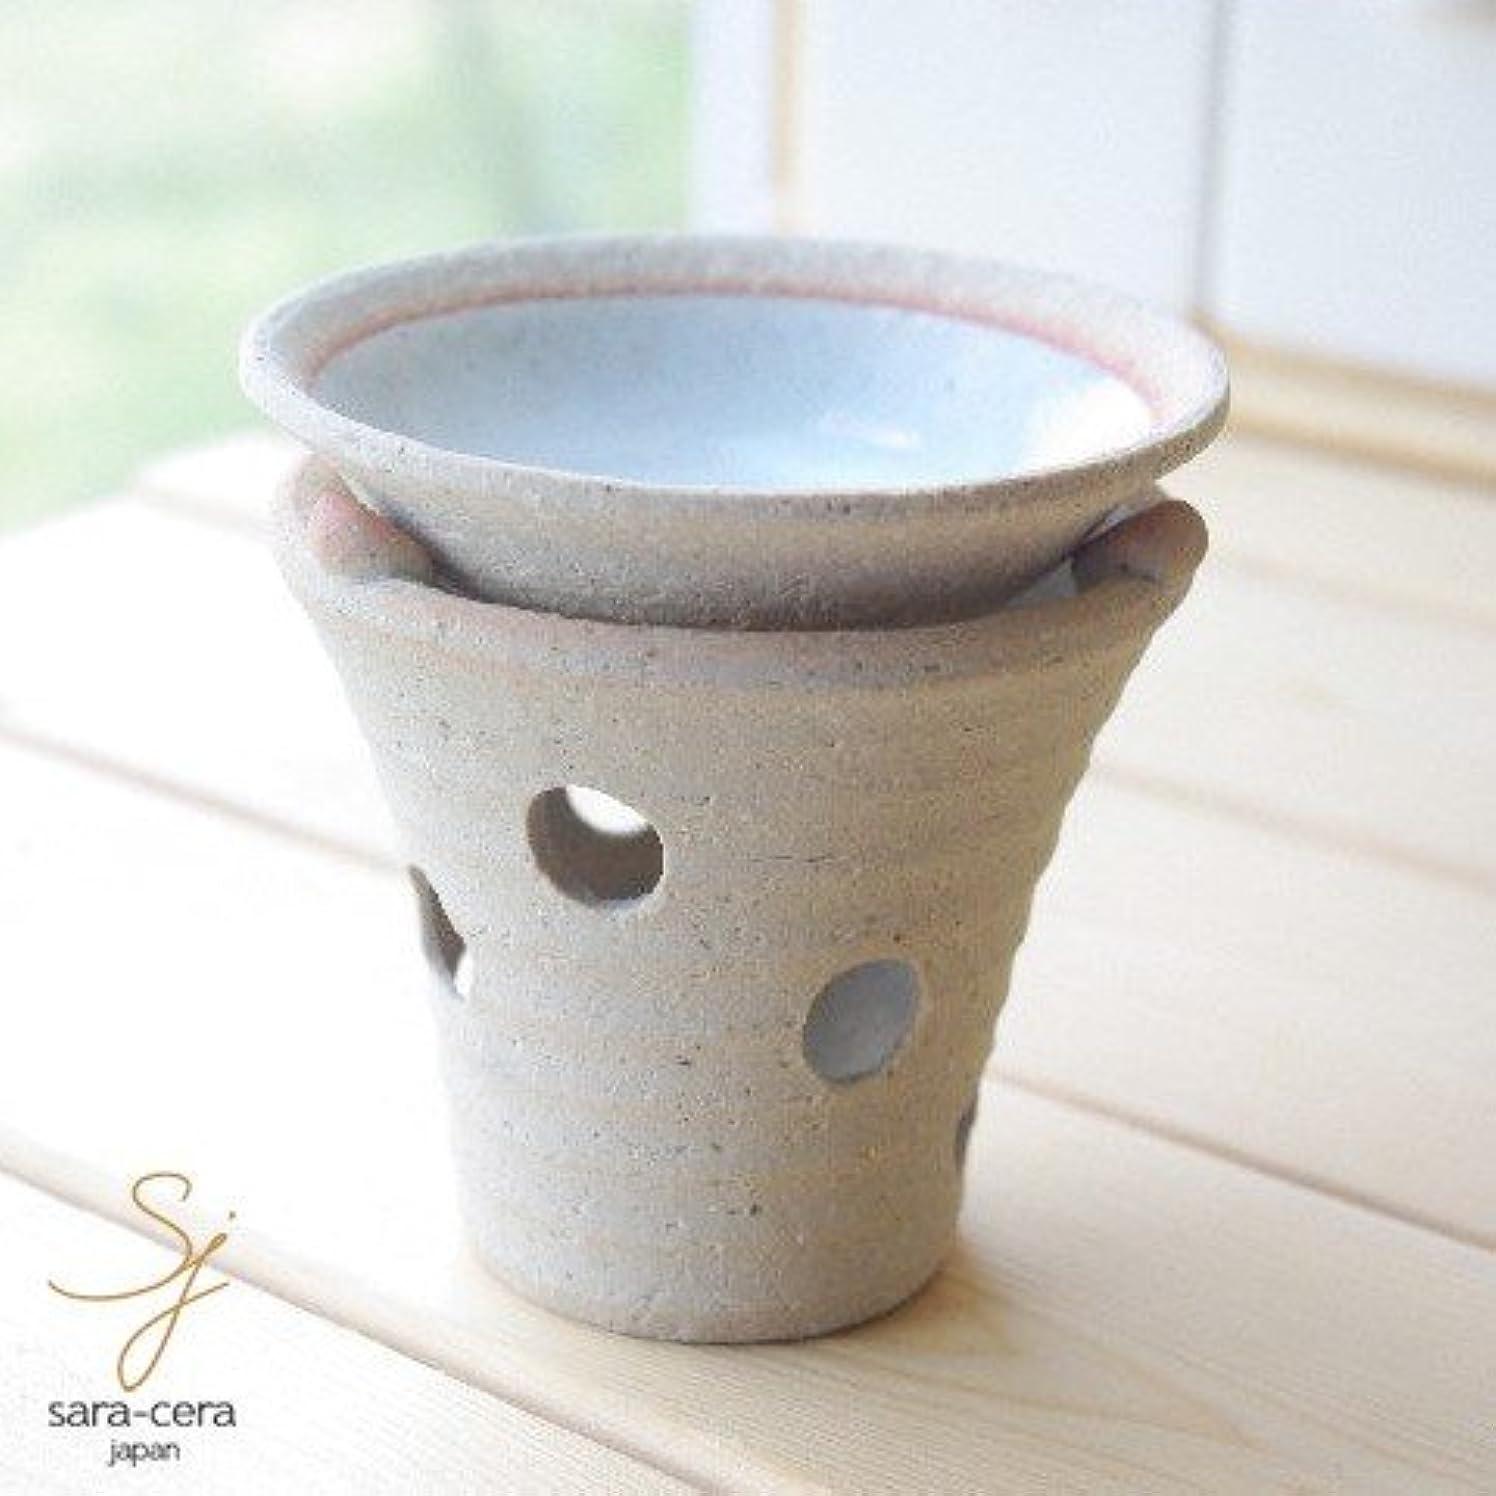 マリンマーキング可愛い松助窯 手作り茶香炉セット 白釉 ホワイト アロマ 和食器 リビング